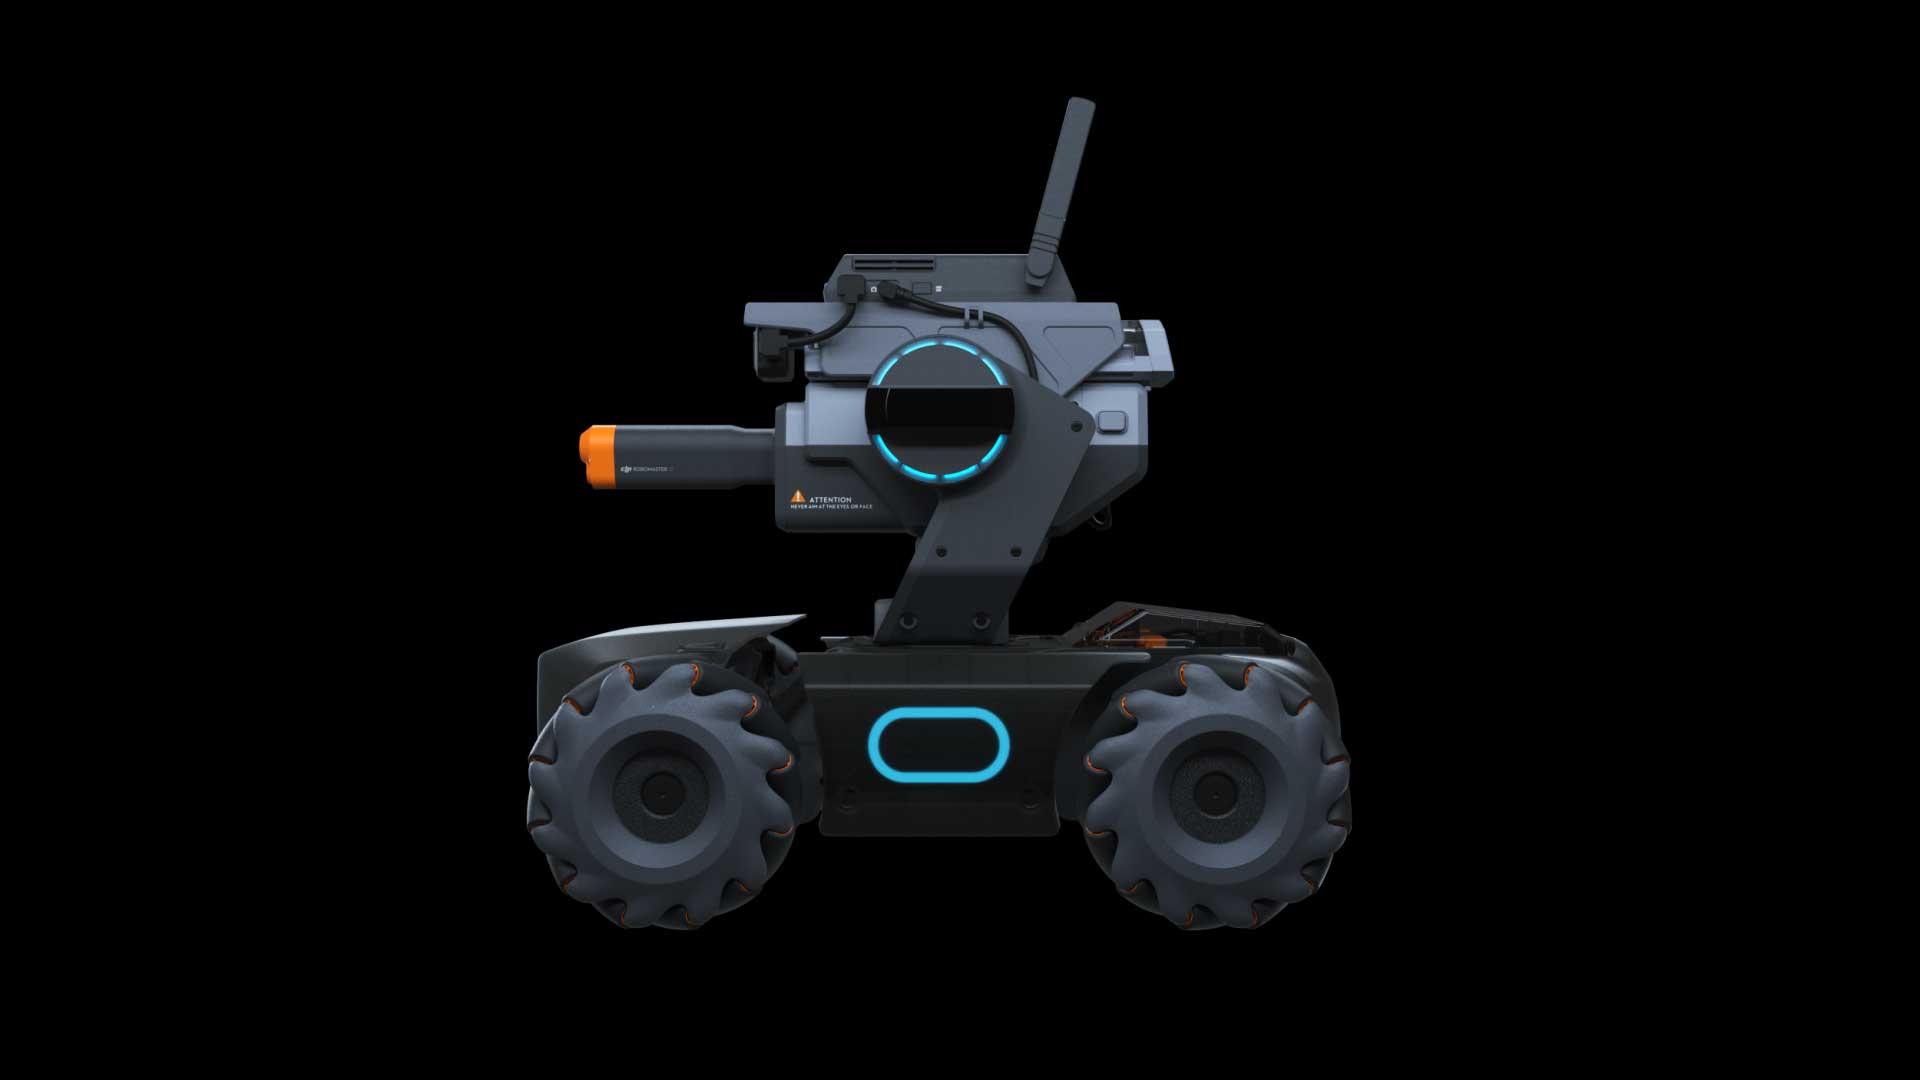 Robot stworzony do nauki i zabawy